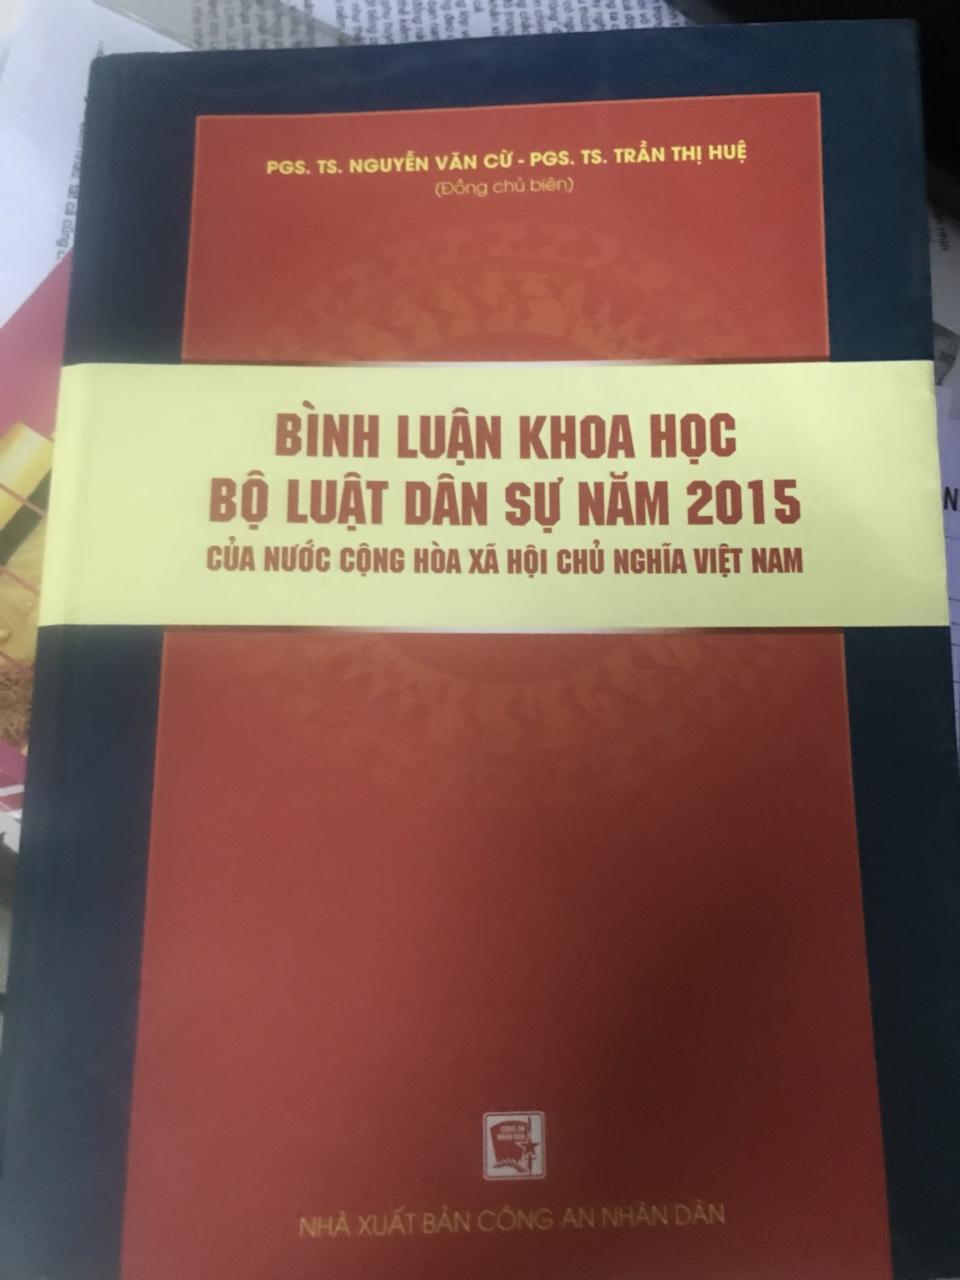 Mua sách Bình luận khoa học Bộ luật dân sự 2015